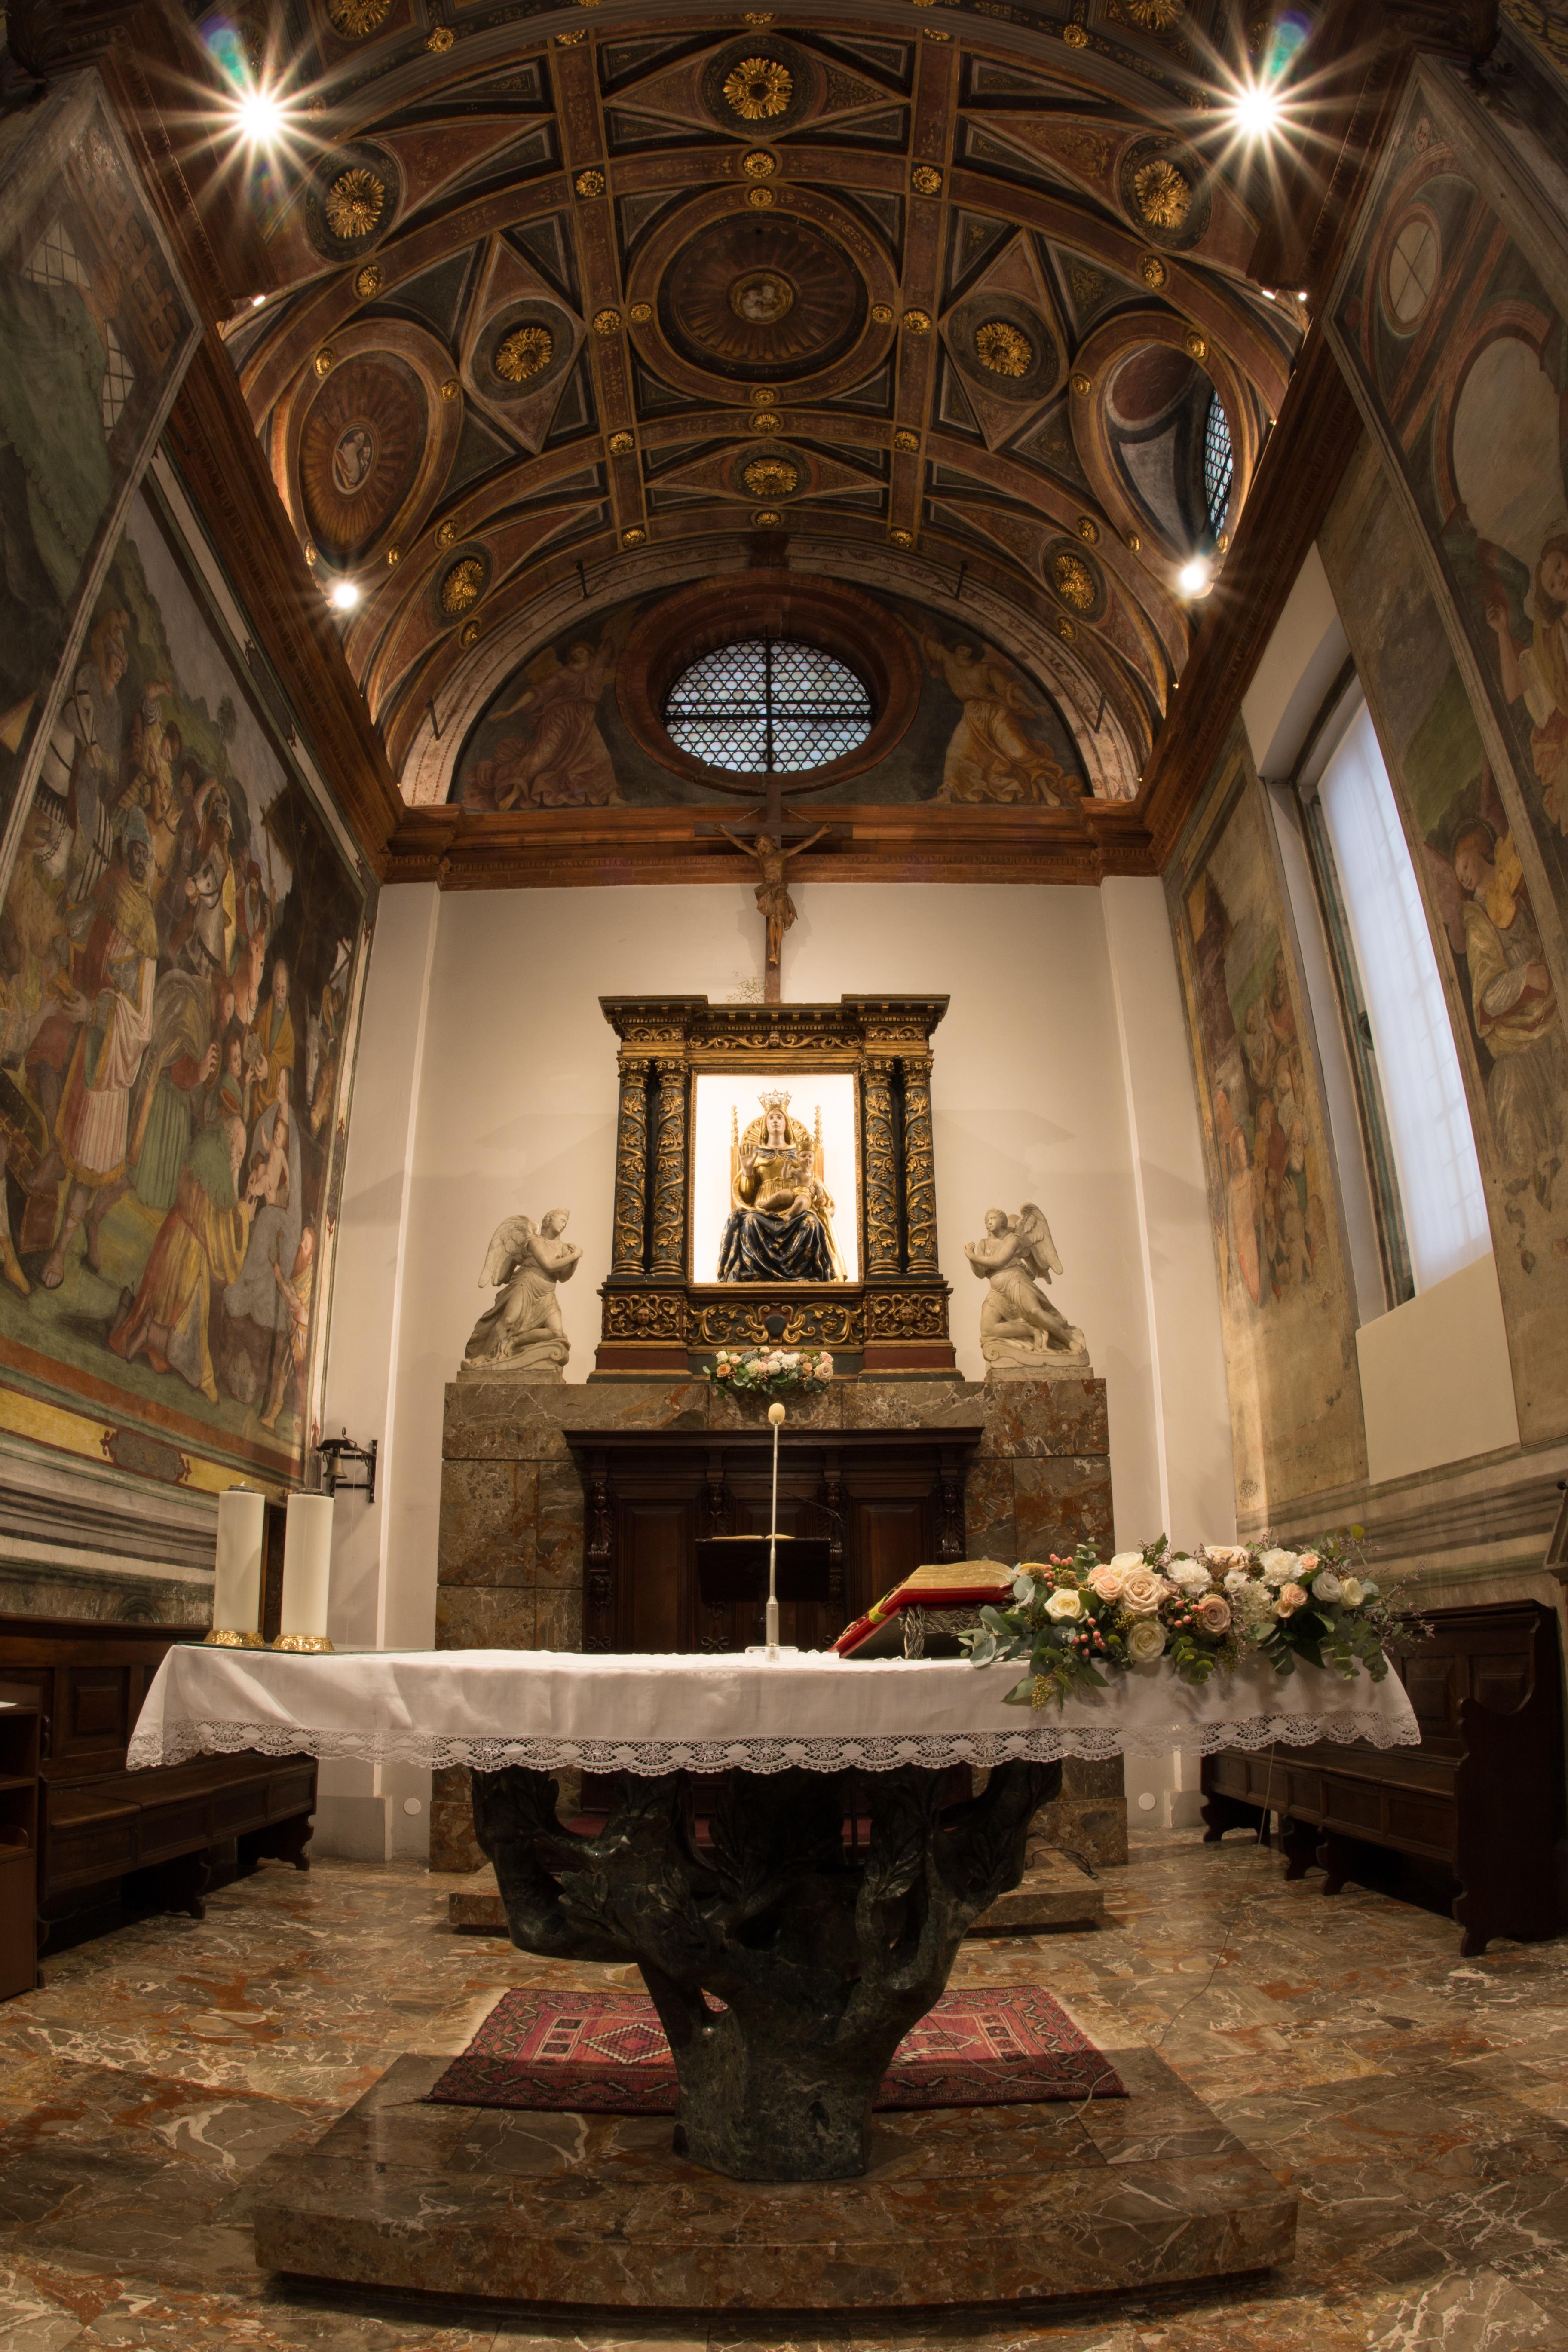 Home Design Busto Arsizio file:busto arsizio - santuario di santa maria - altare